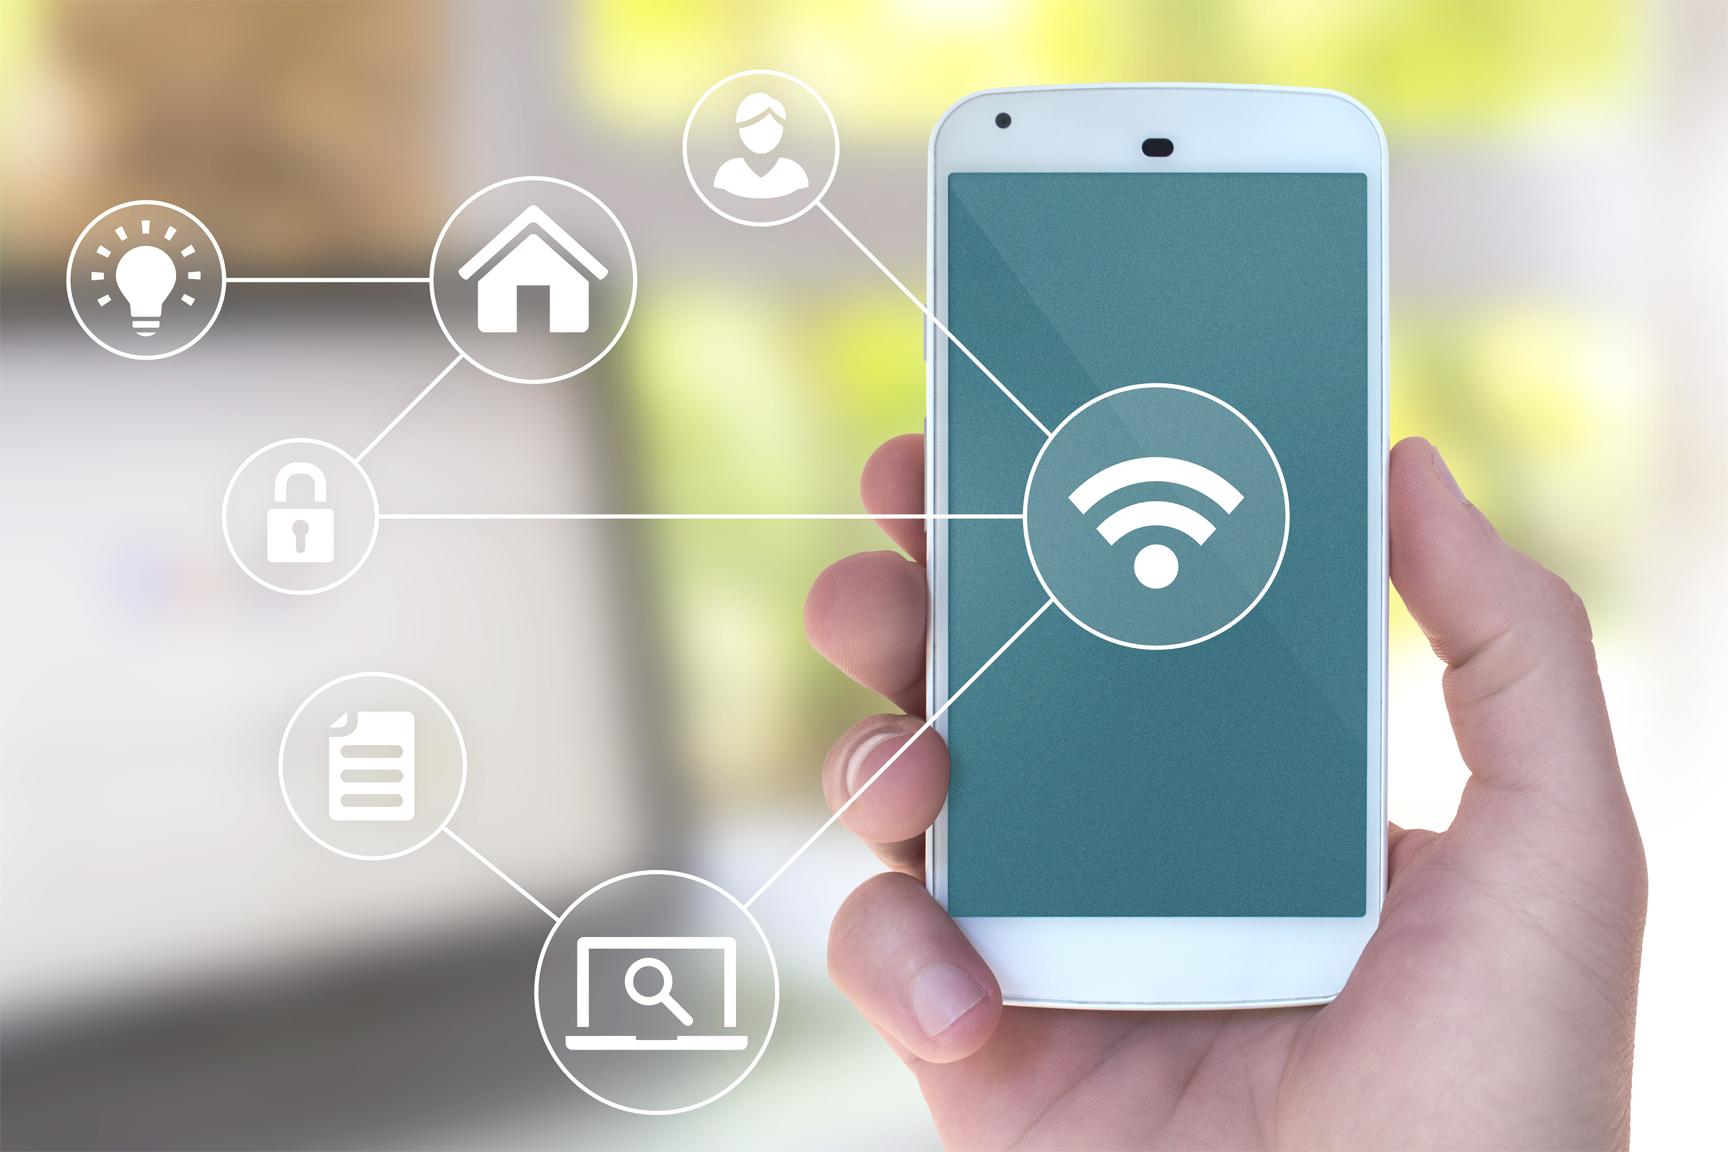 Chương trình kiểm tra và biết ai sử dụng WiFi tại nhà